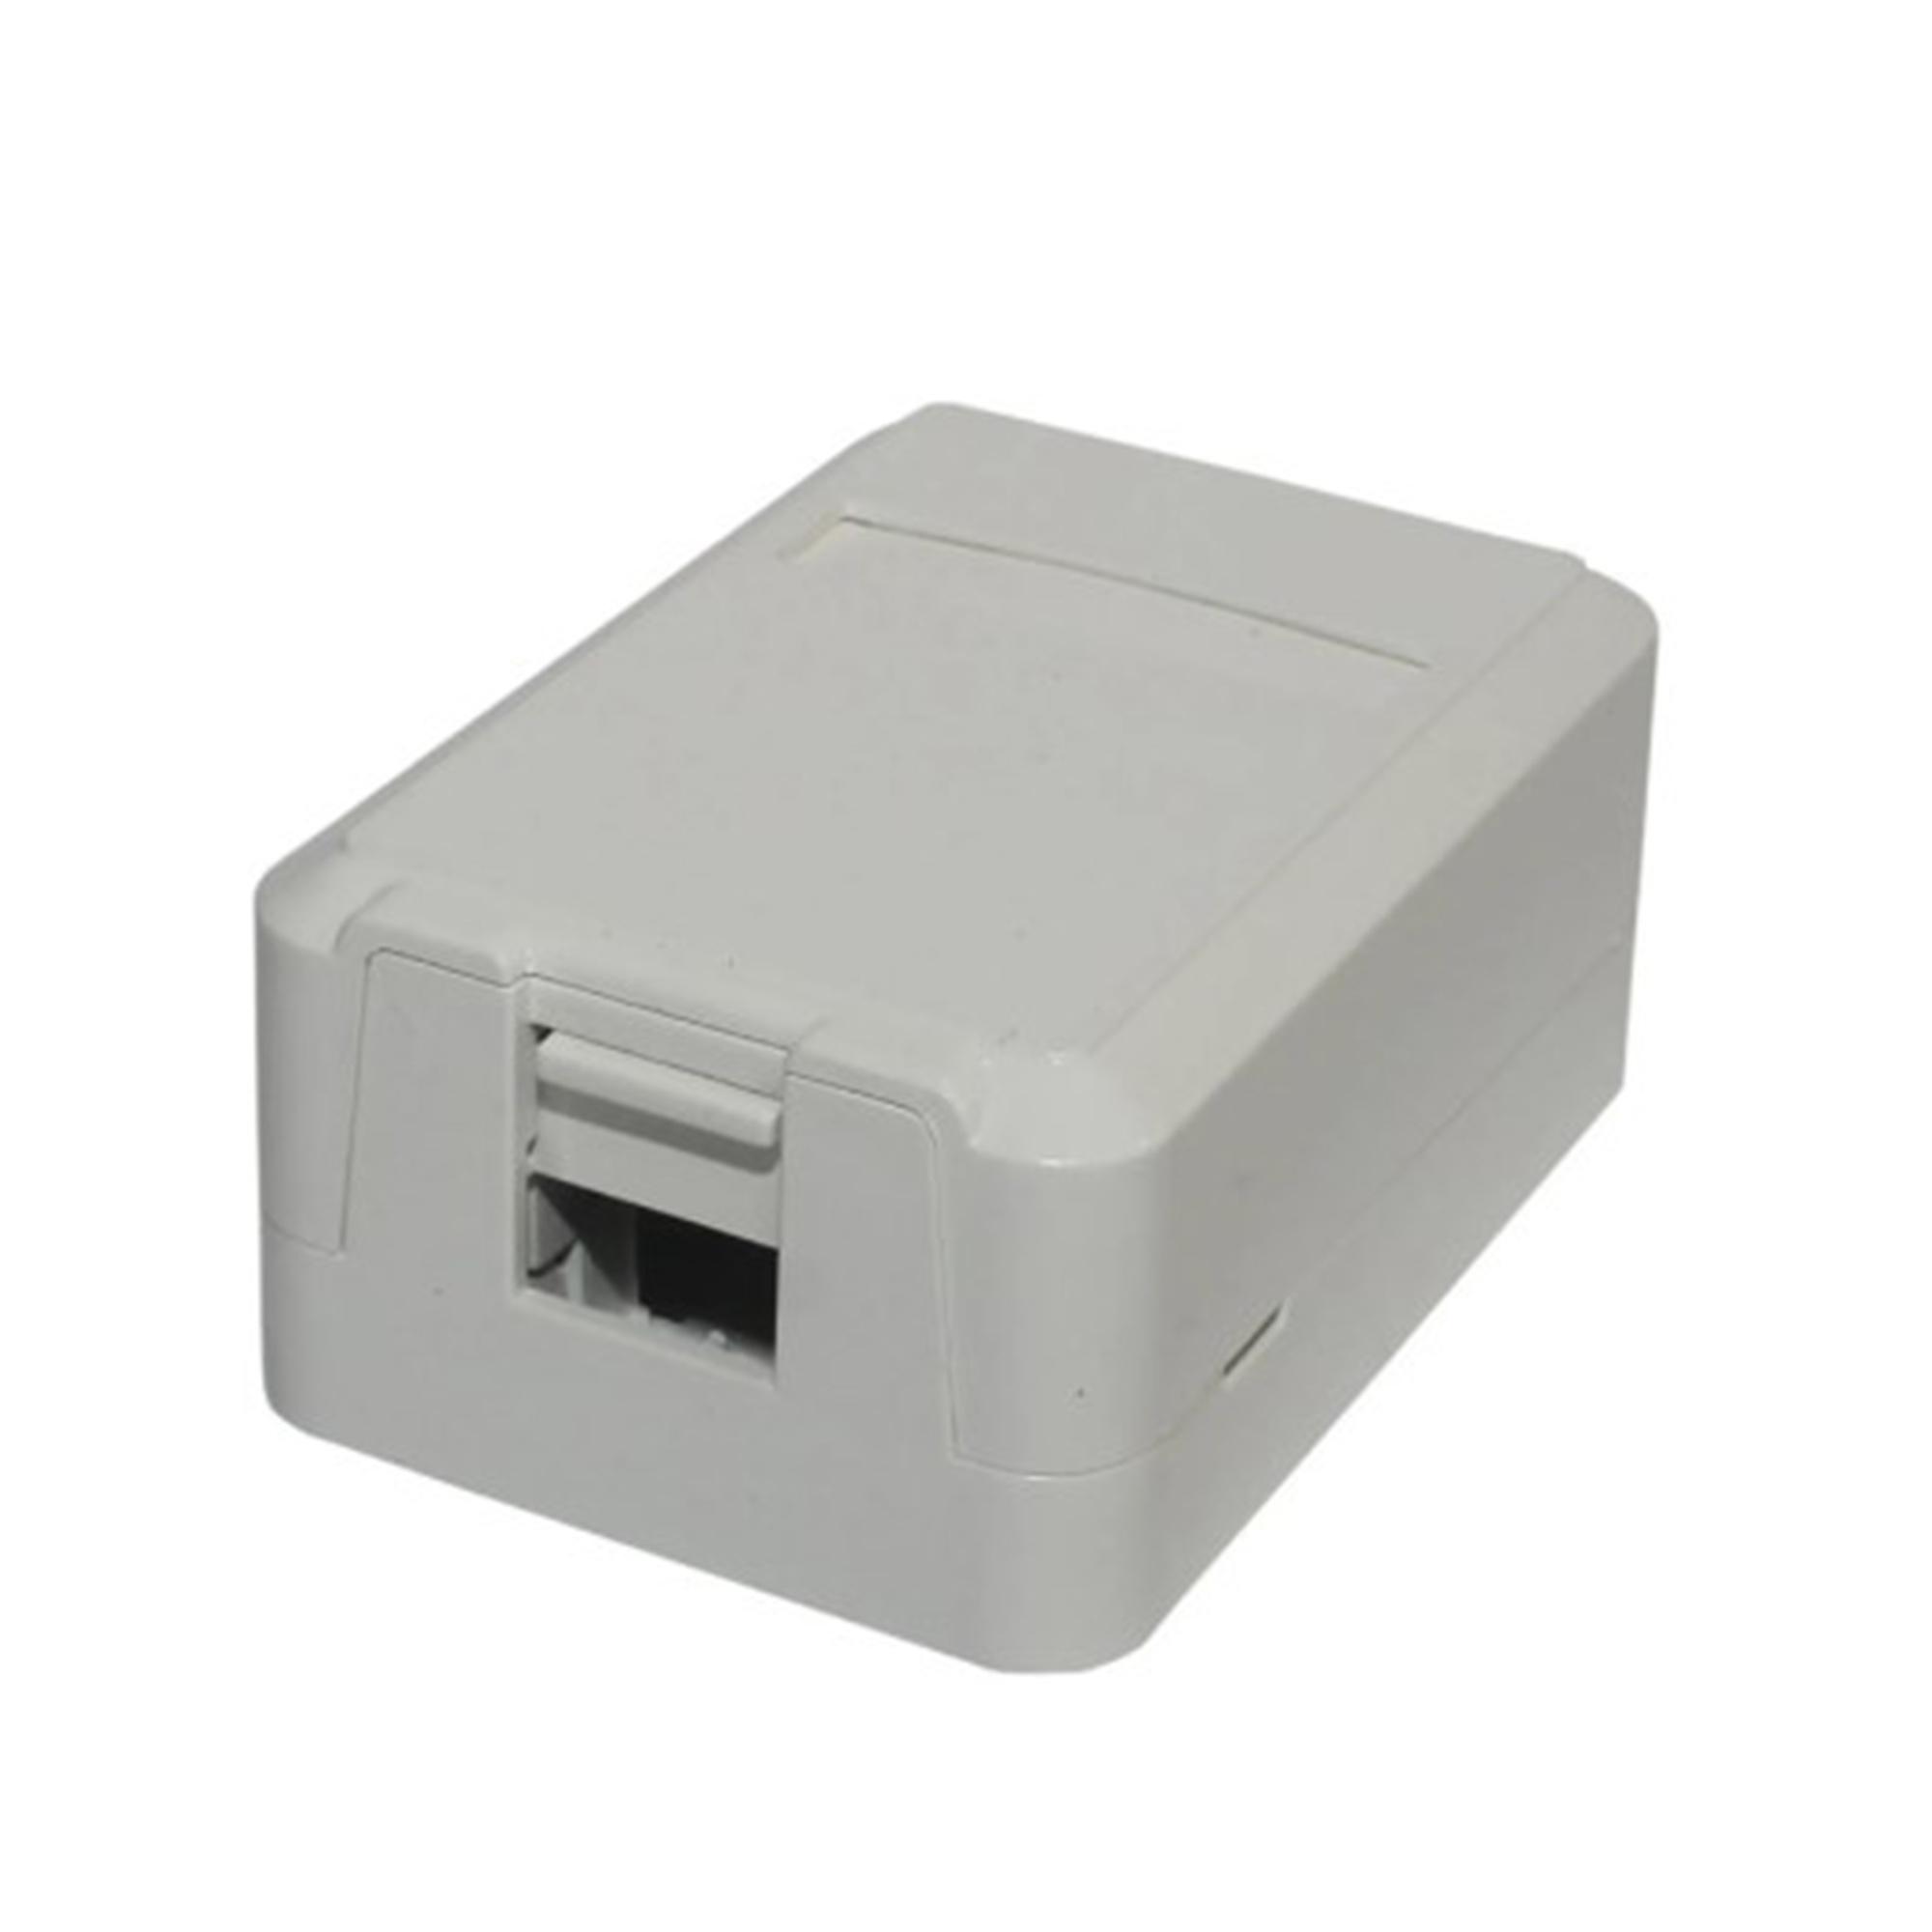 Caixa De Superfície 01 Porta Keystone RJ11/RJ45